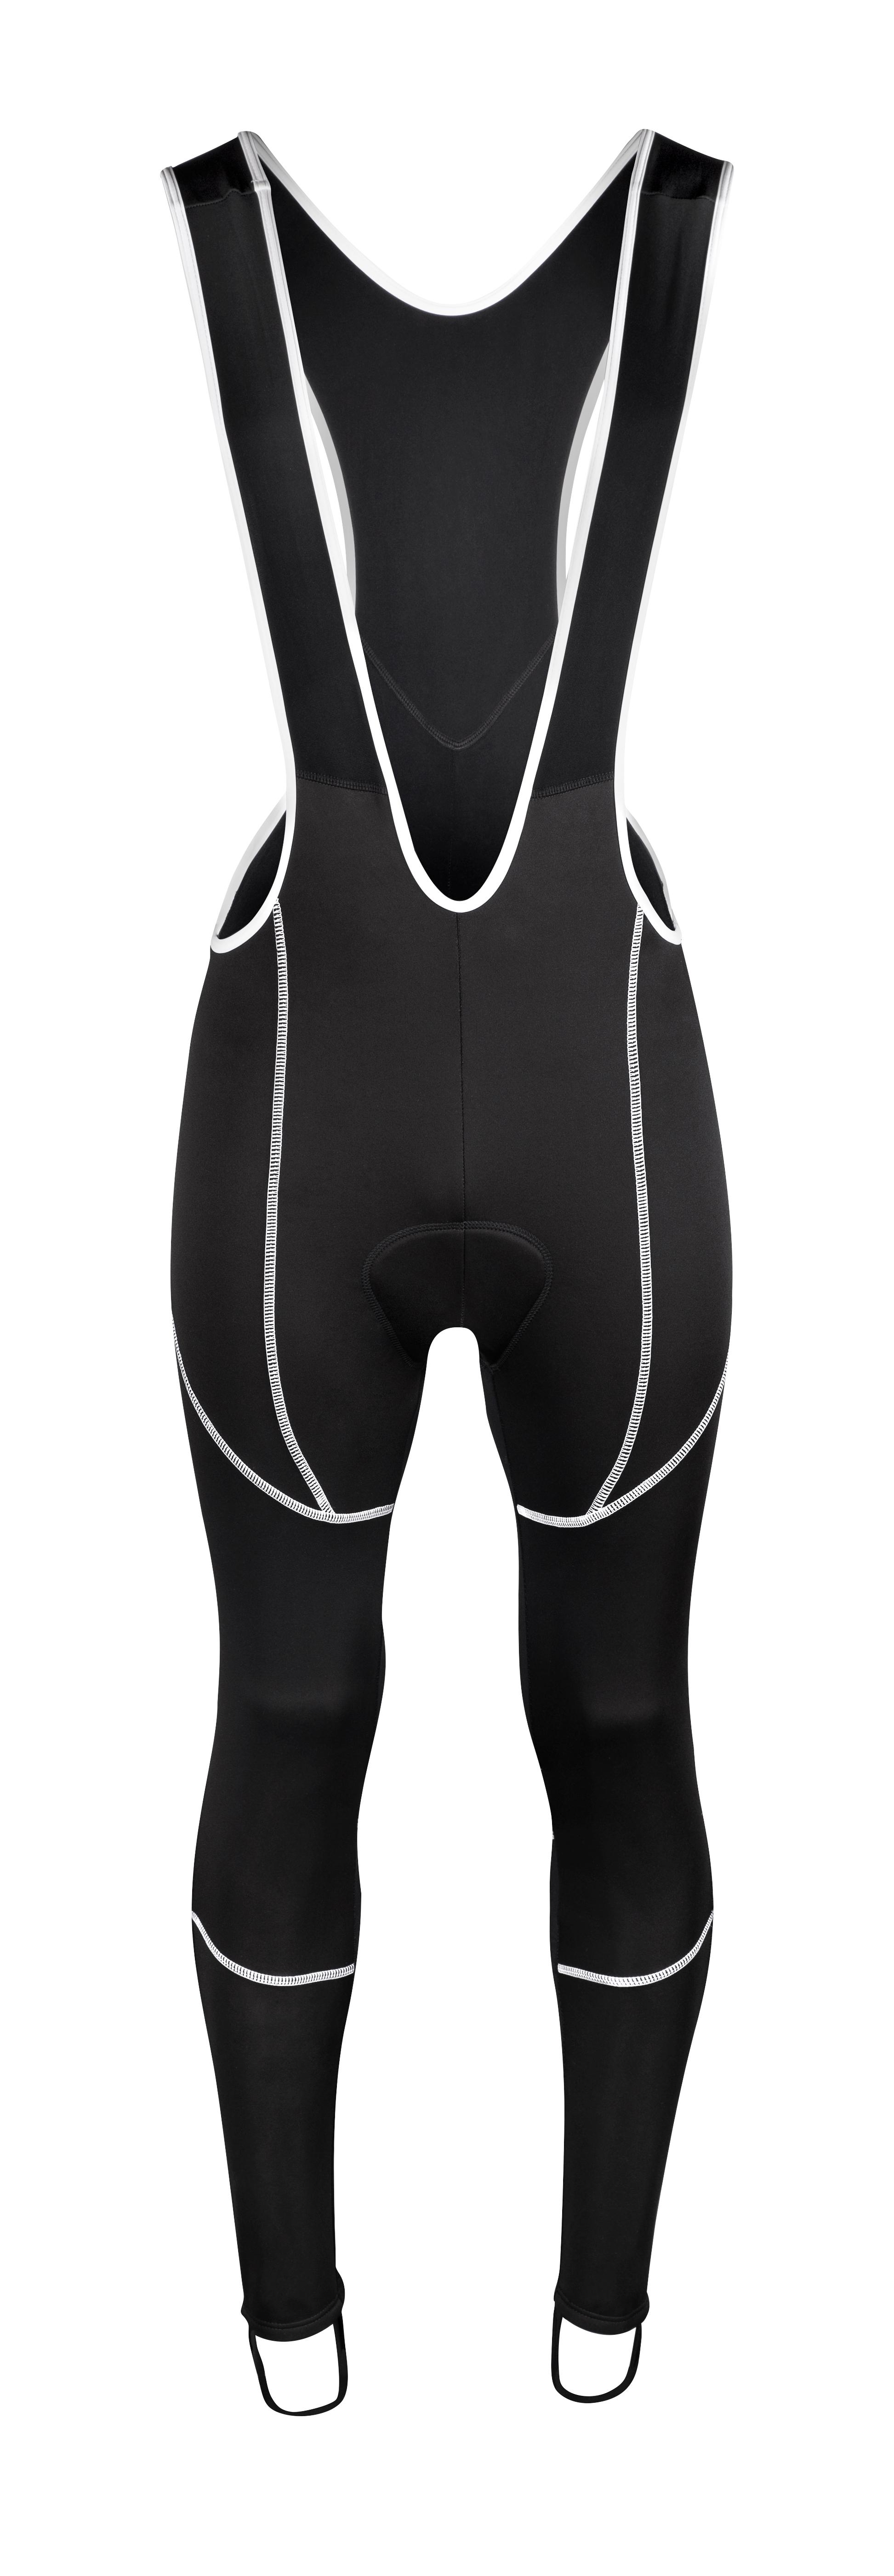 kalhoty FORCE Z70 se šráky s vložkou, černé S